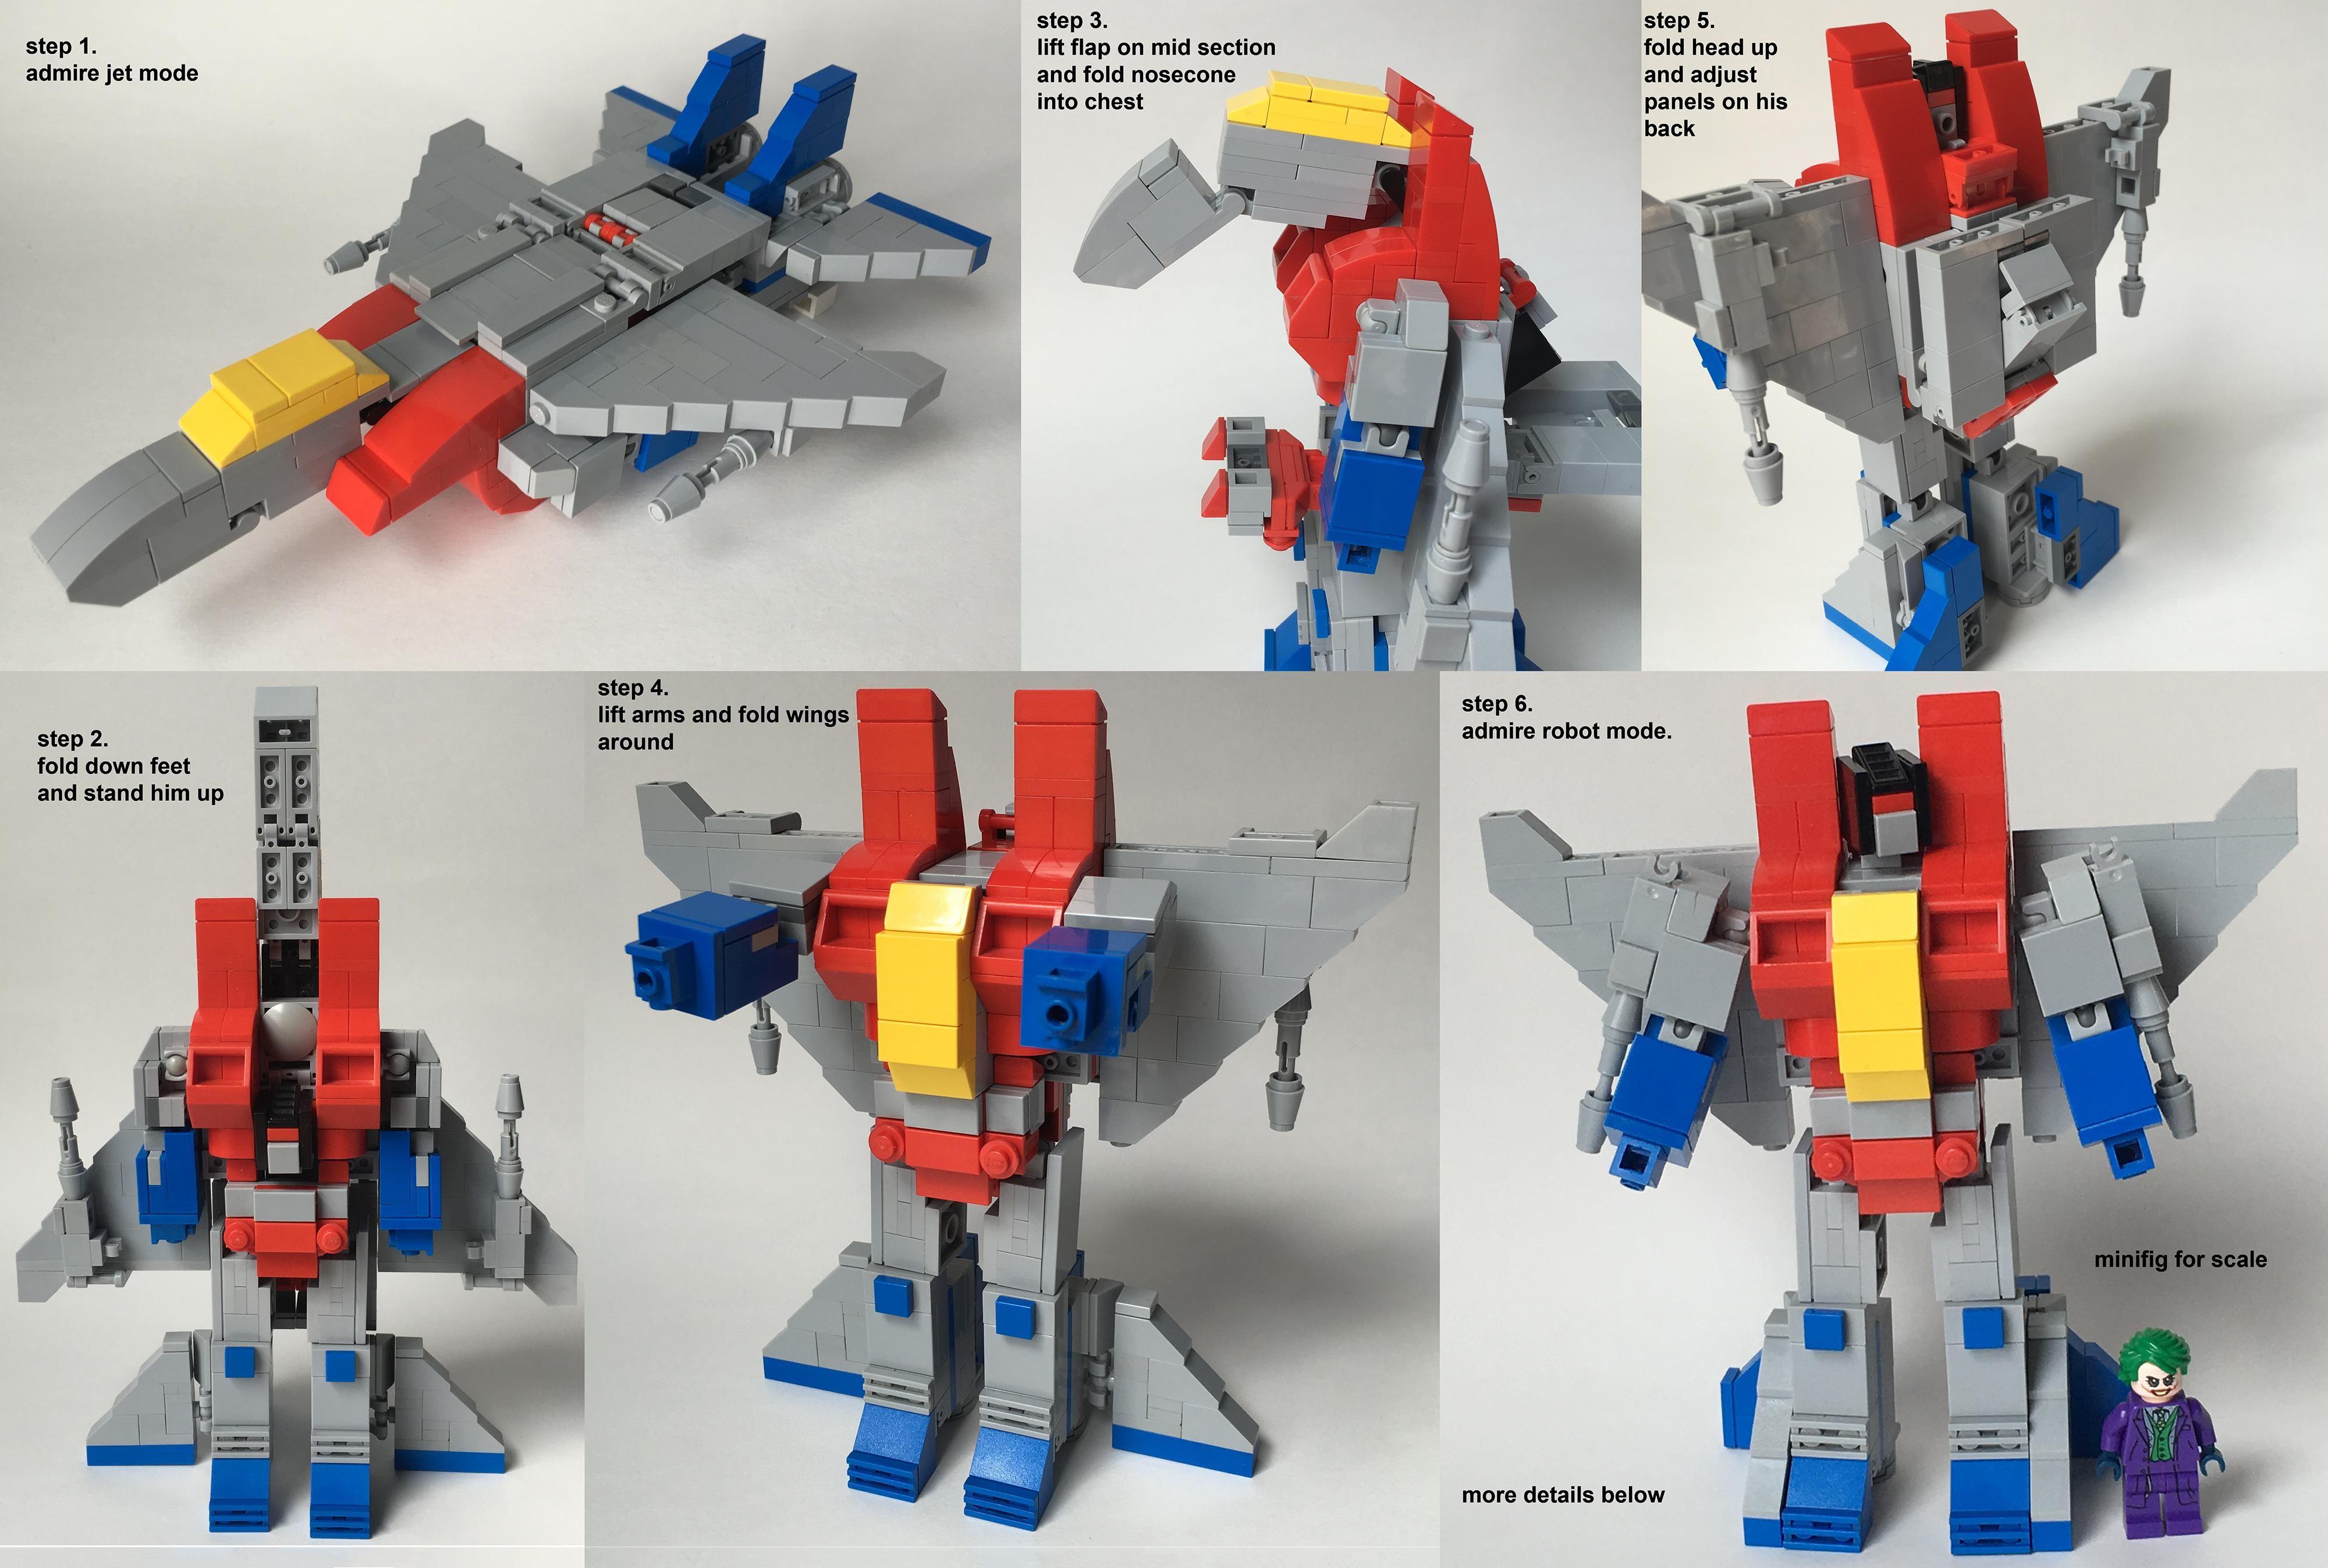 Image Result For Lego Digital Designer Transformer Lego Lego Projects Lego Sets